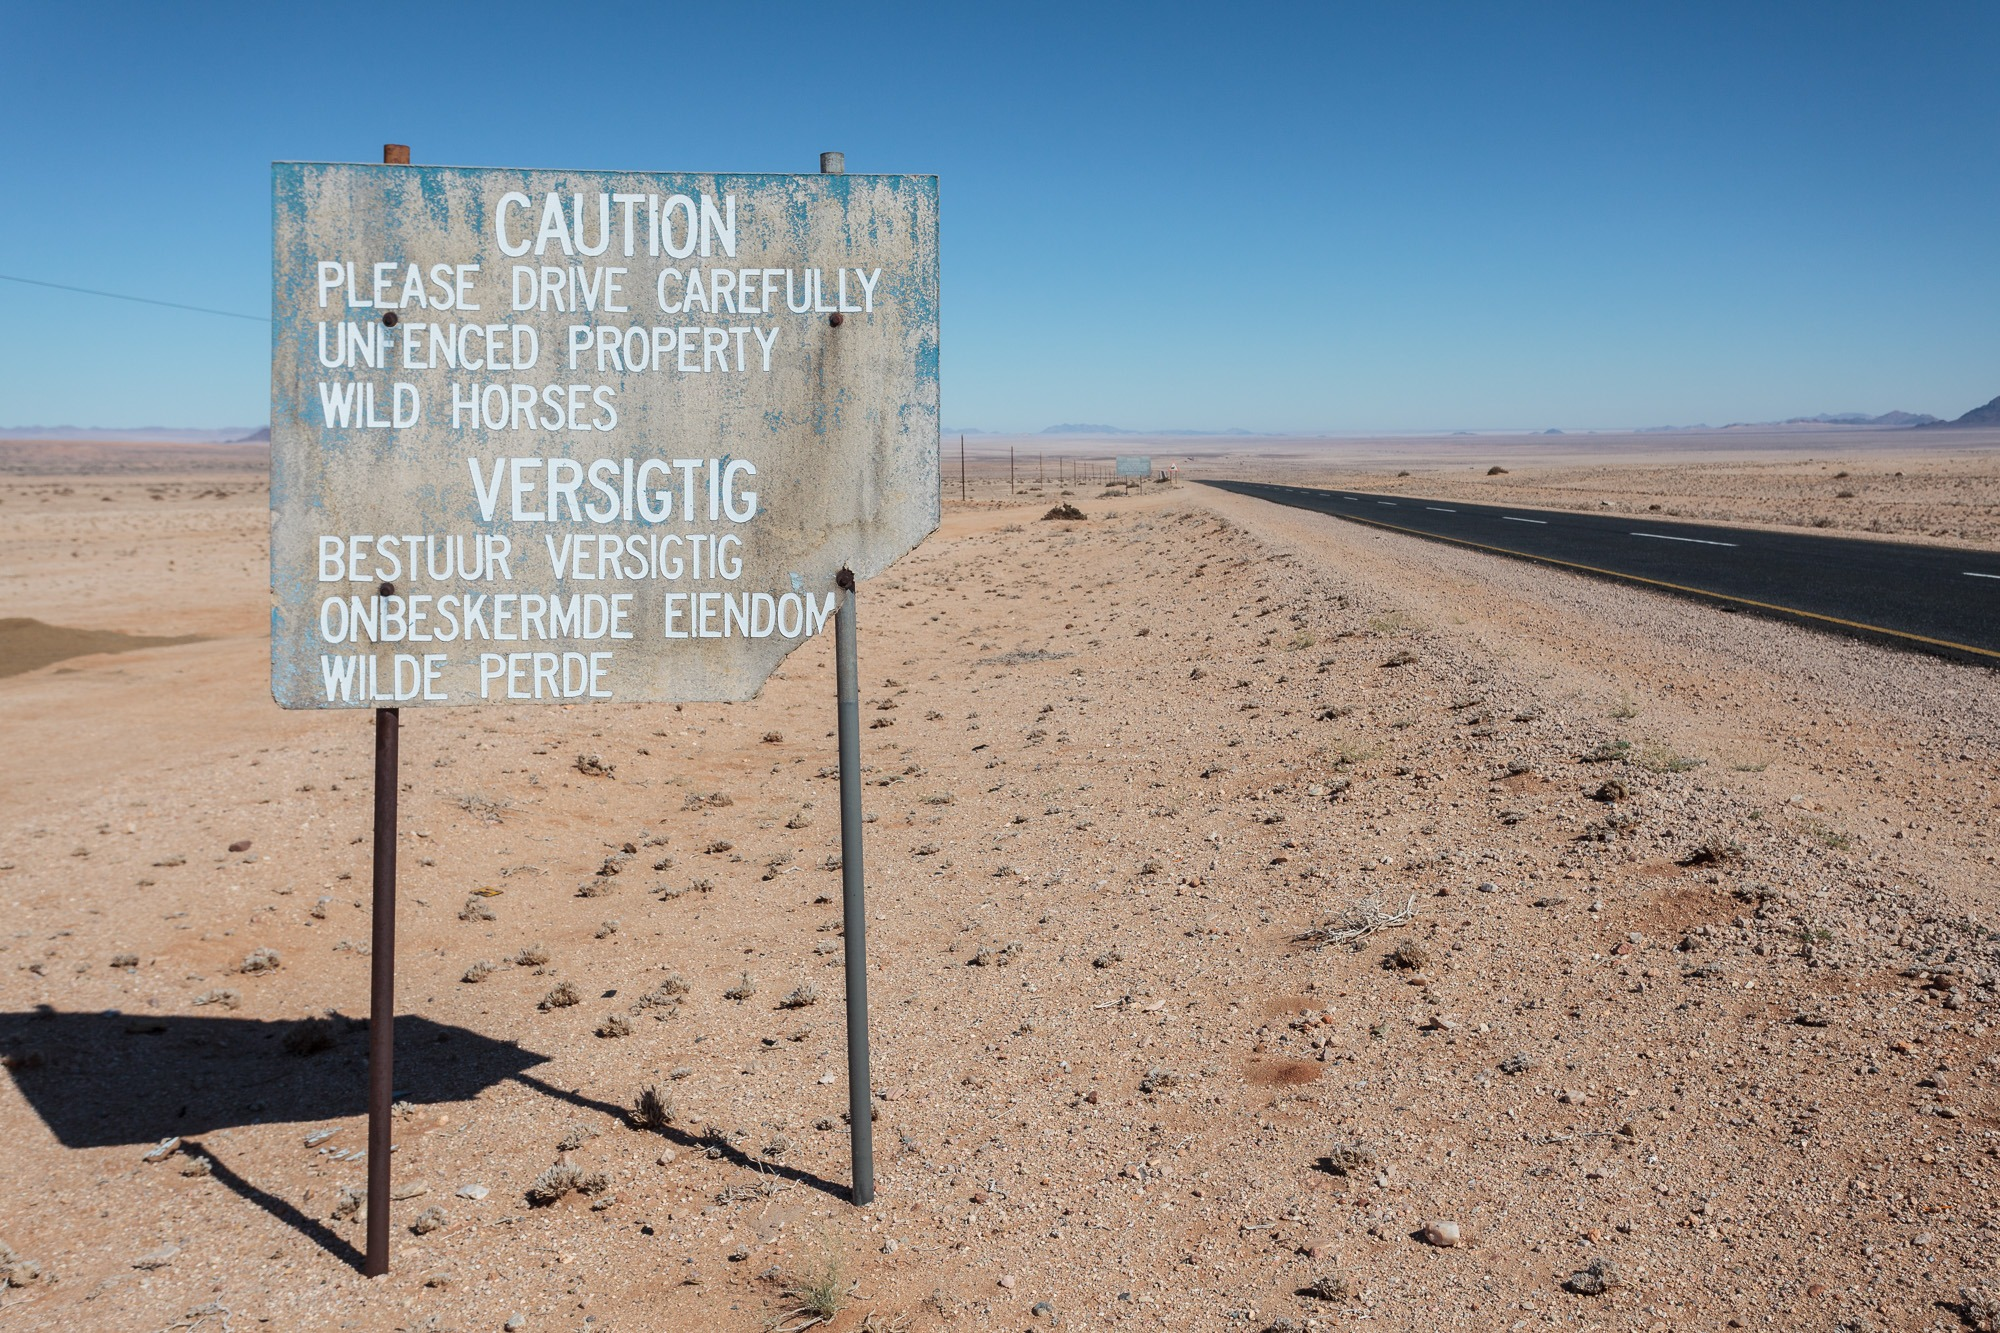 Warnung vor Wildpferden in Garub in der Namib Wüste in Namibia